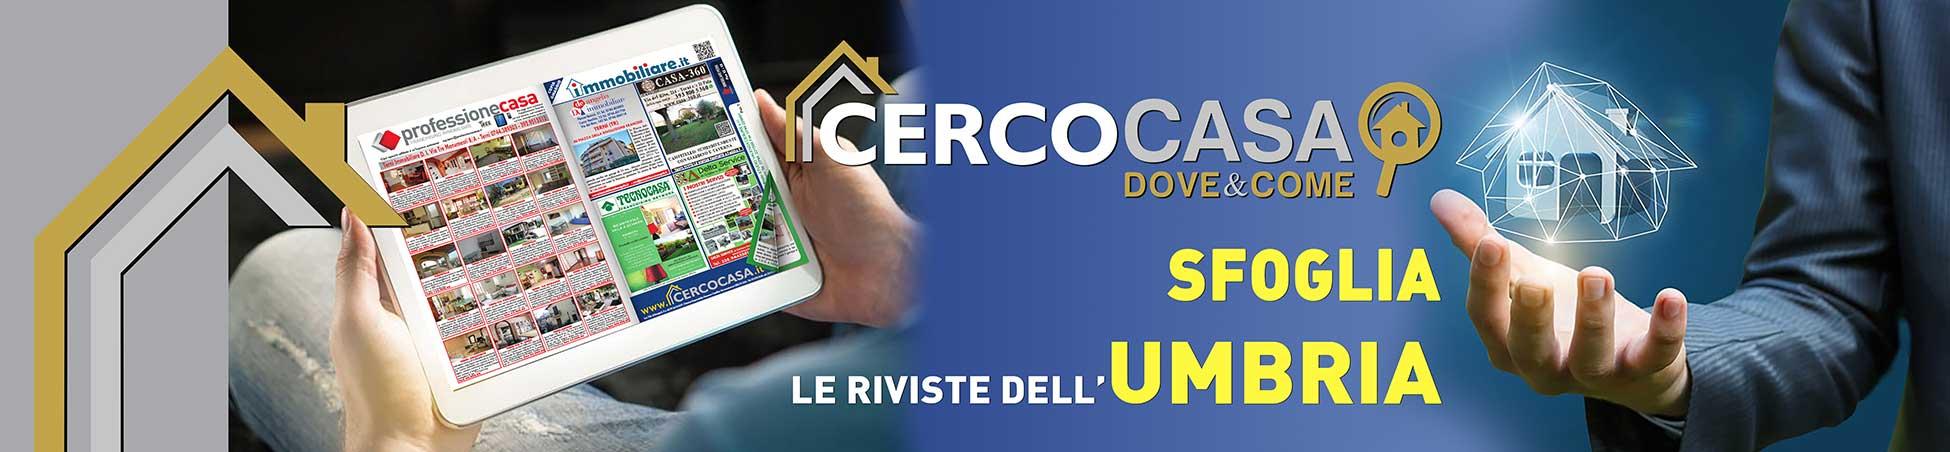 Vendita immobili Perugia e Terni